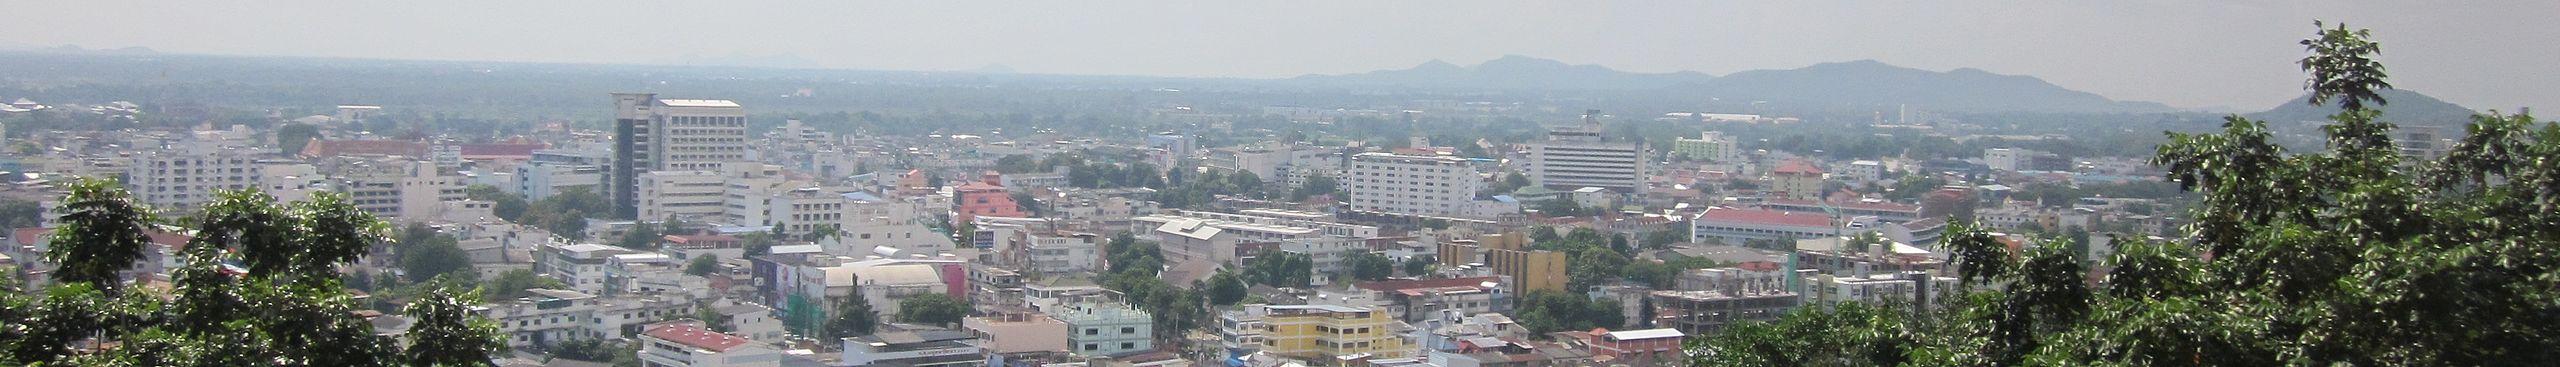 Nakhon Sawan Thailand  city pictures gallery : Nakhon Sawan – Travel guide at Wikivoyage